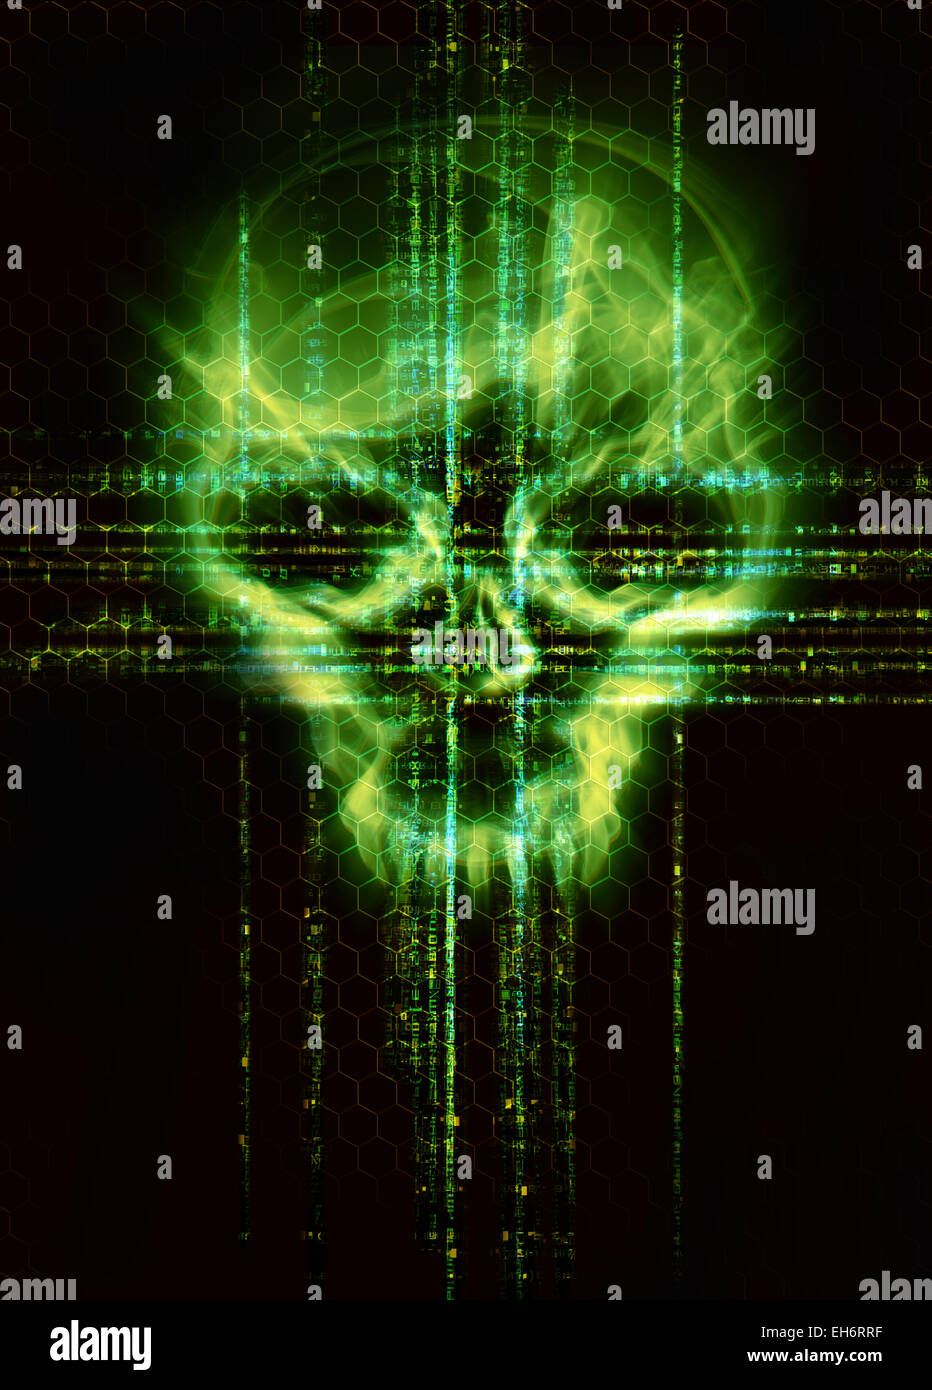 Sfondo Digitale Con Teschio Verde Attacco Hacker Concept Foto